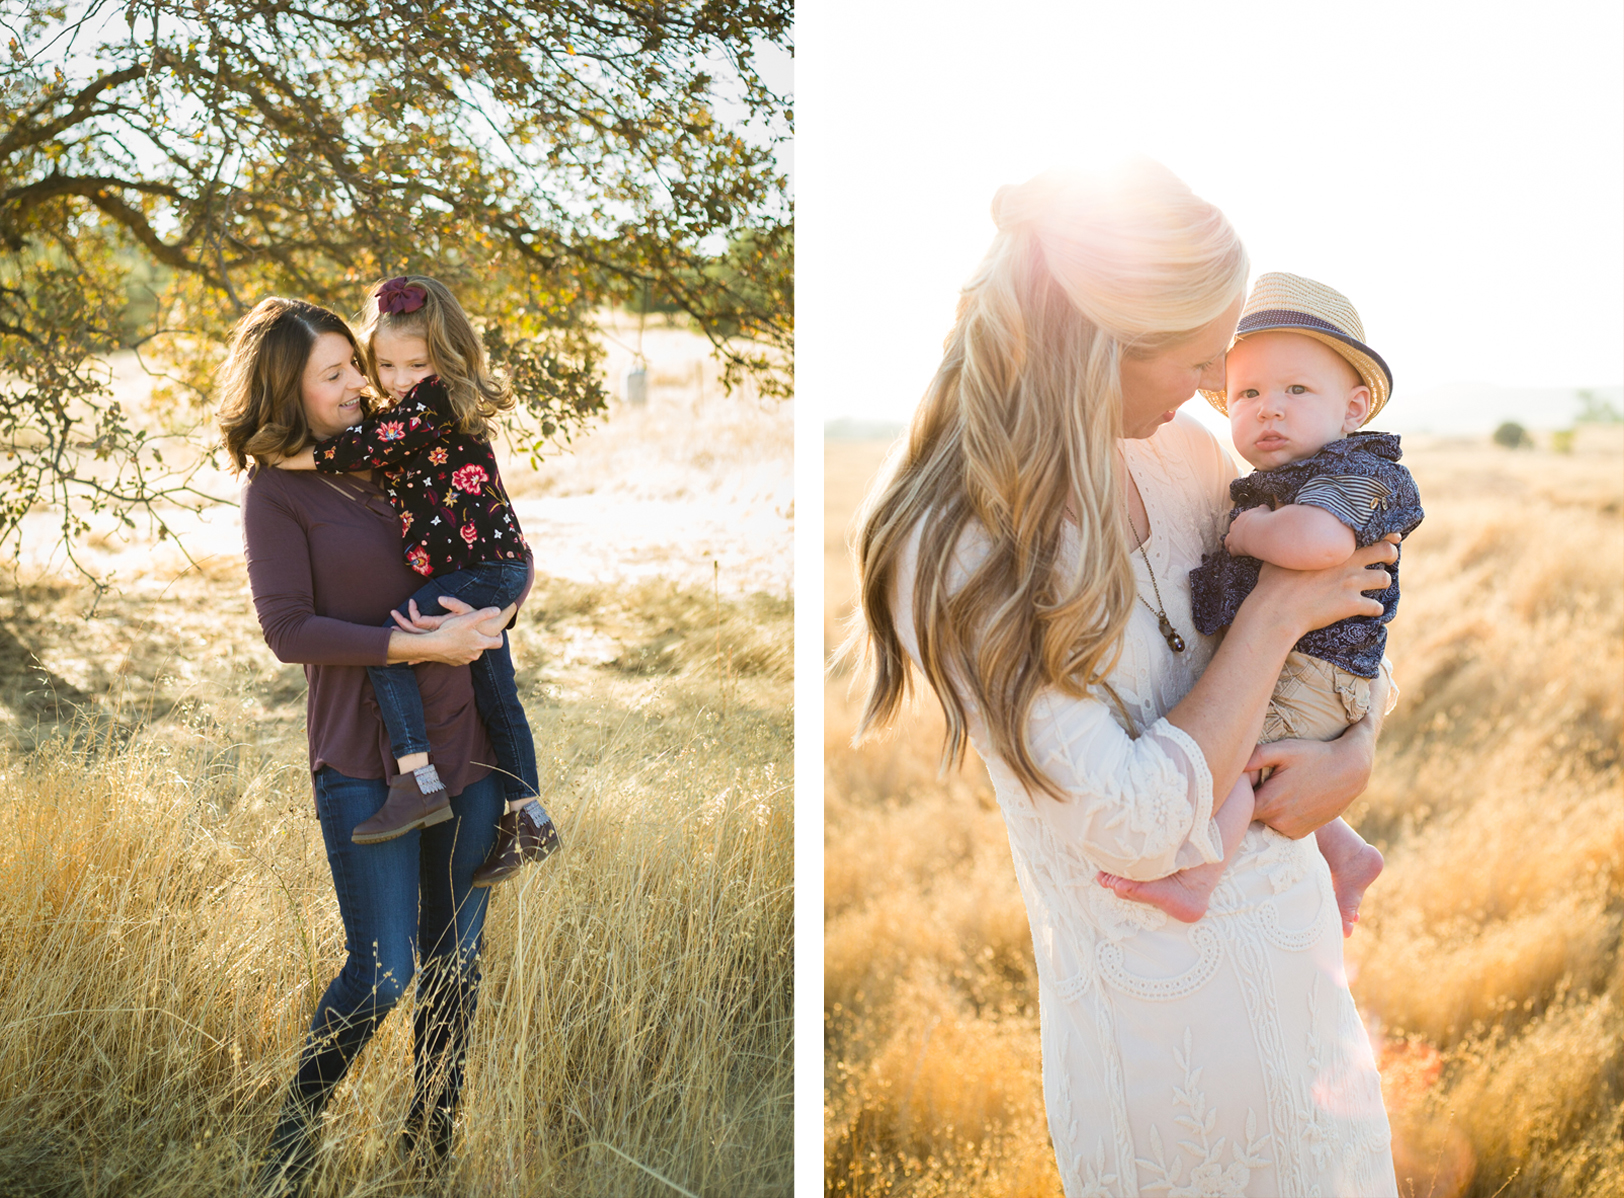 Tonya Edwards | Oroville Photographer | mothers holding children